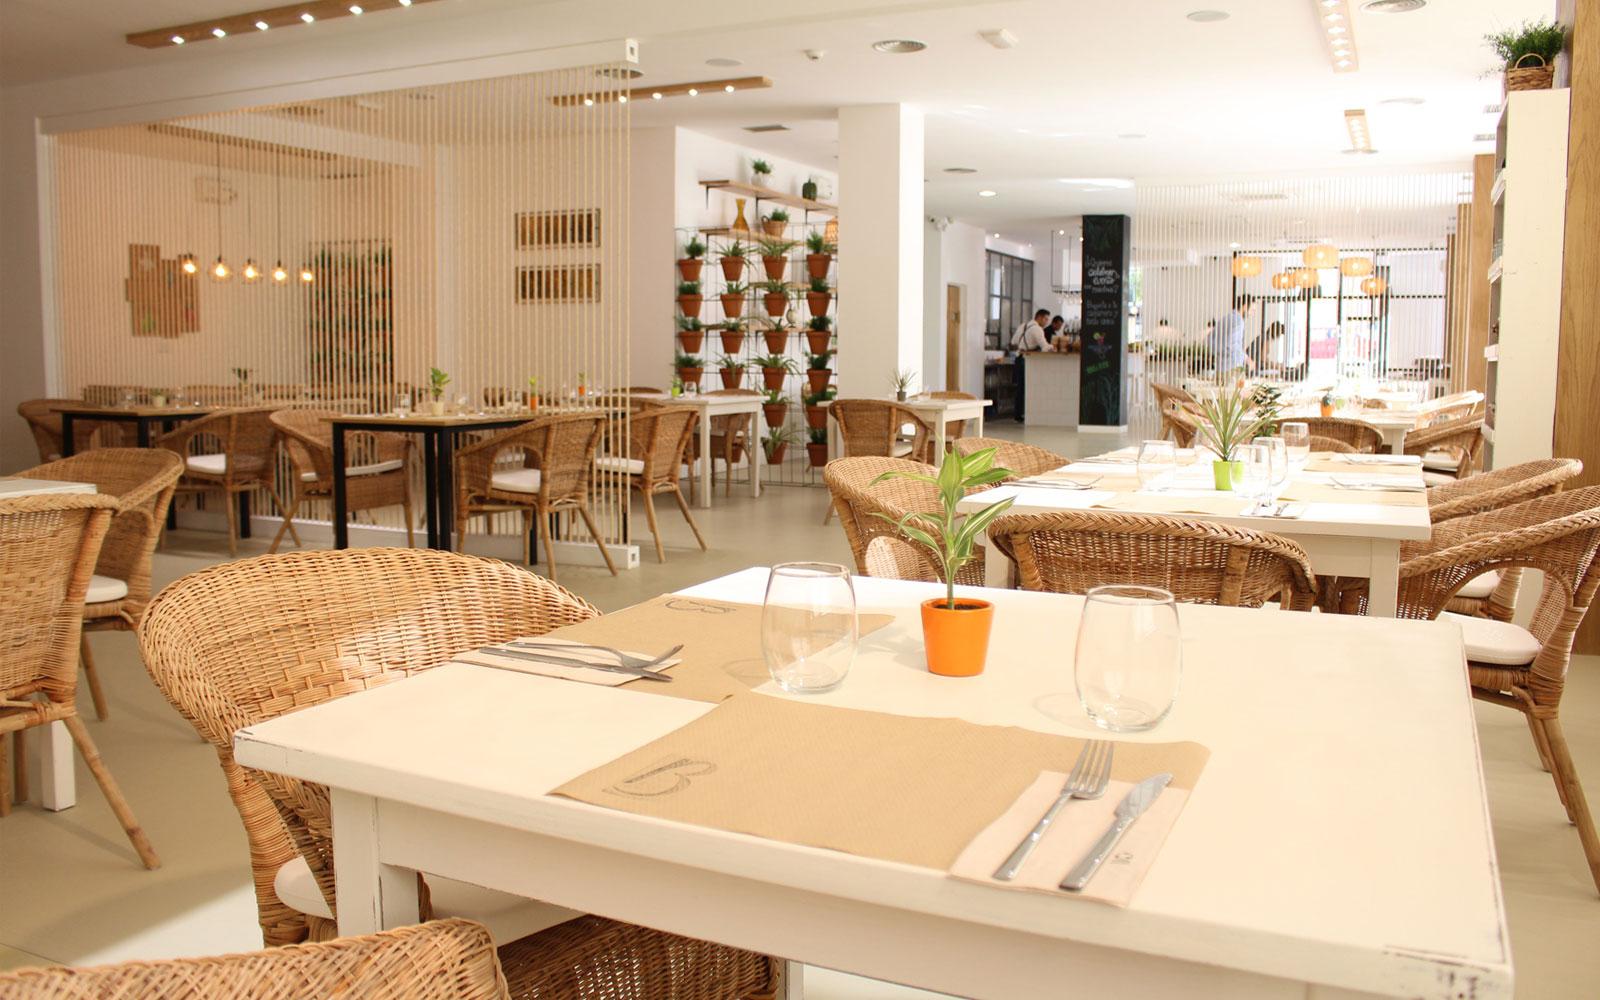 Restaurante Ecologico El Bancal Organic Food Las Rozas